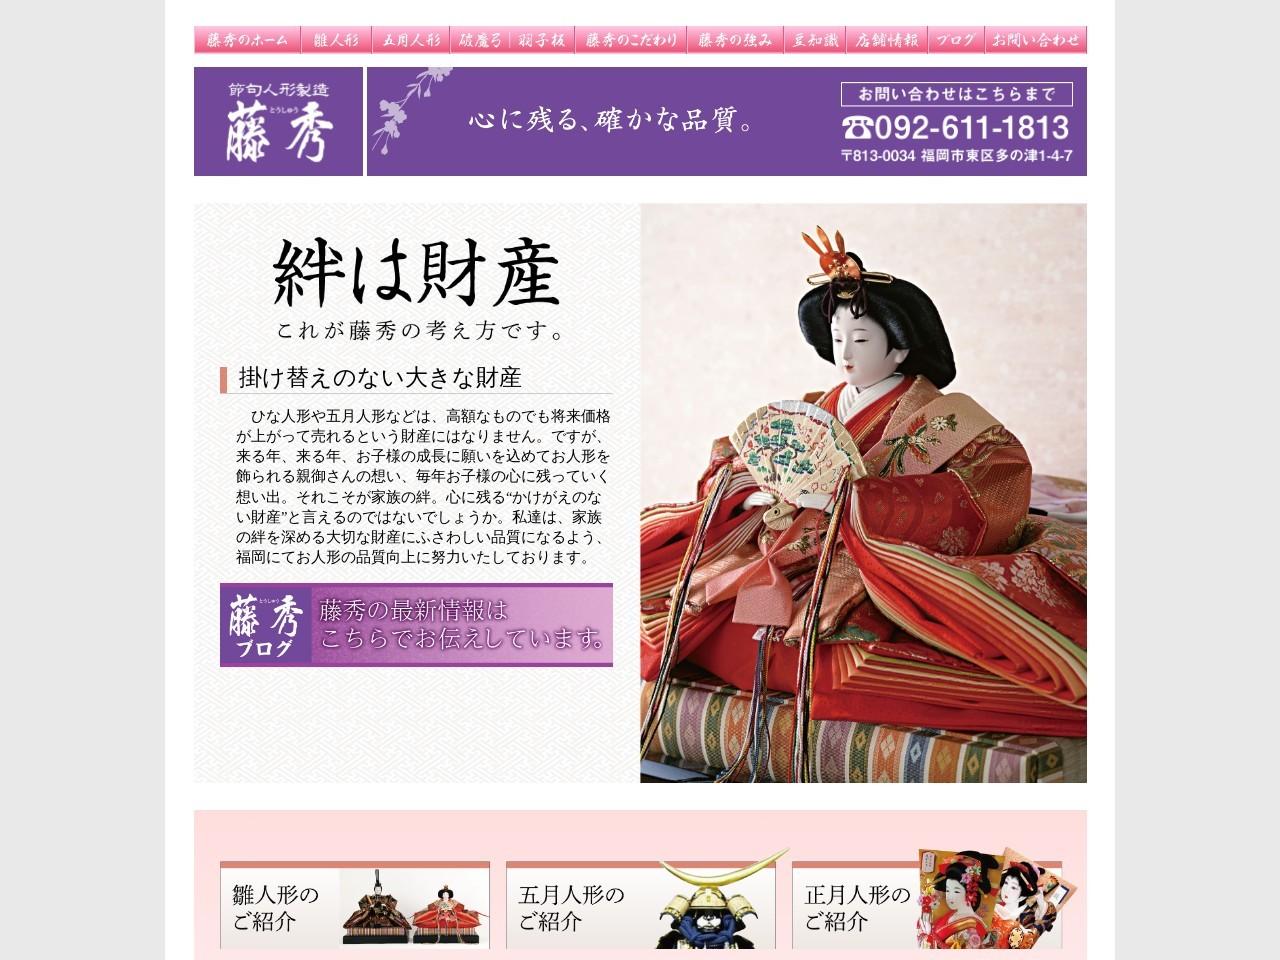 ひな人形、五月人形、正月飾りなど、節句人形の製造販売|藤秀(とうしゅう)